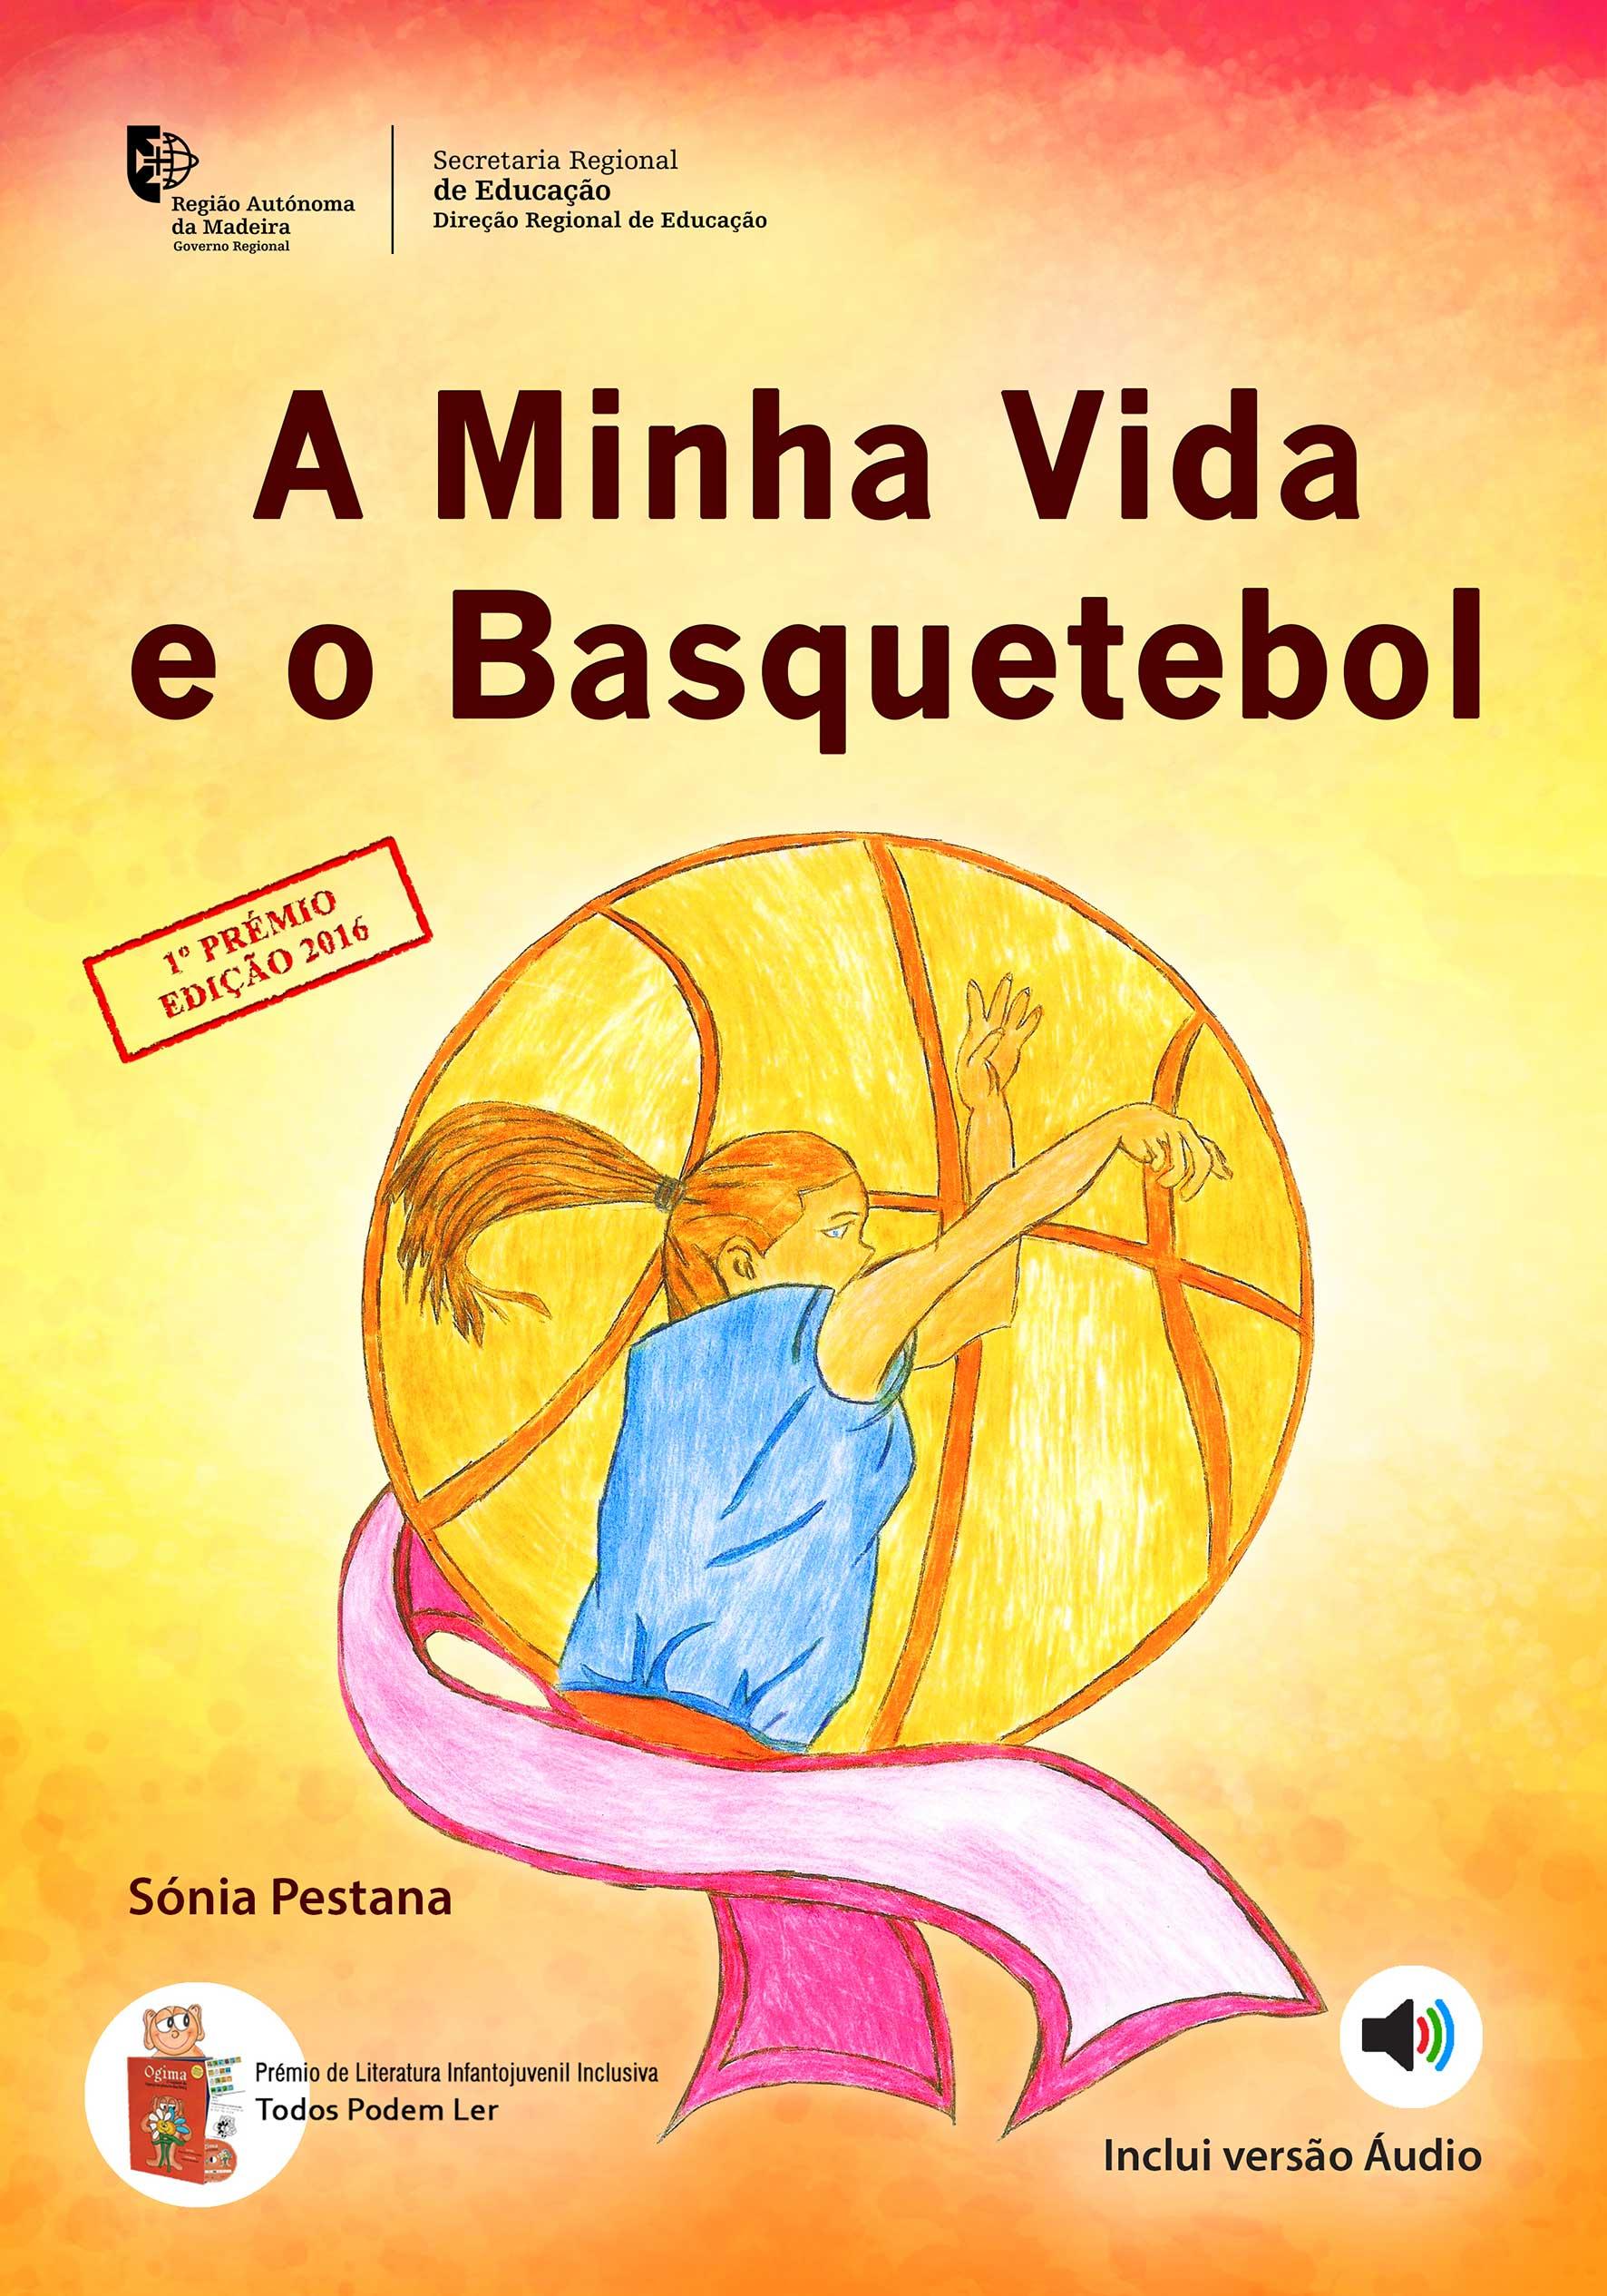 A minha vida e o Basquetebol